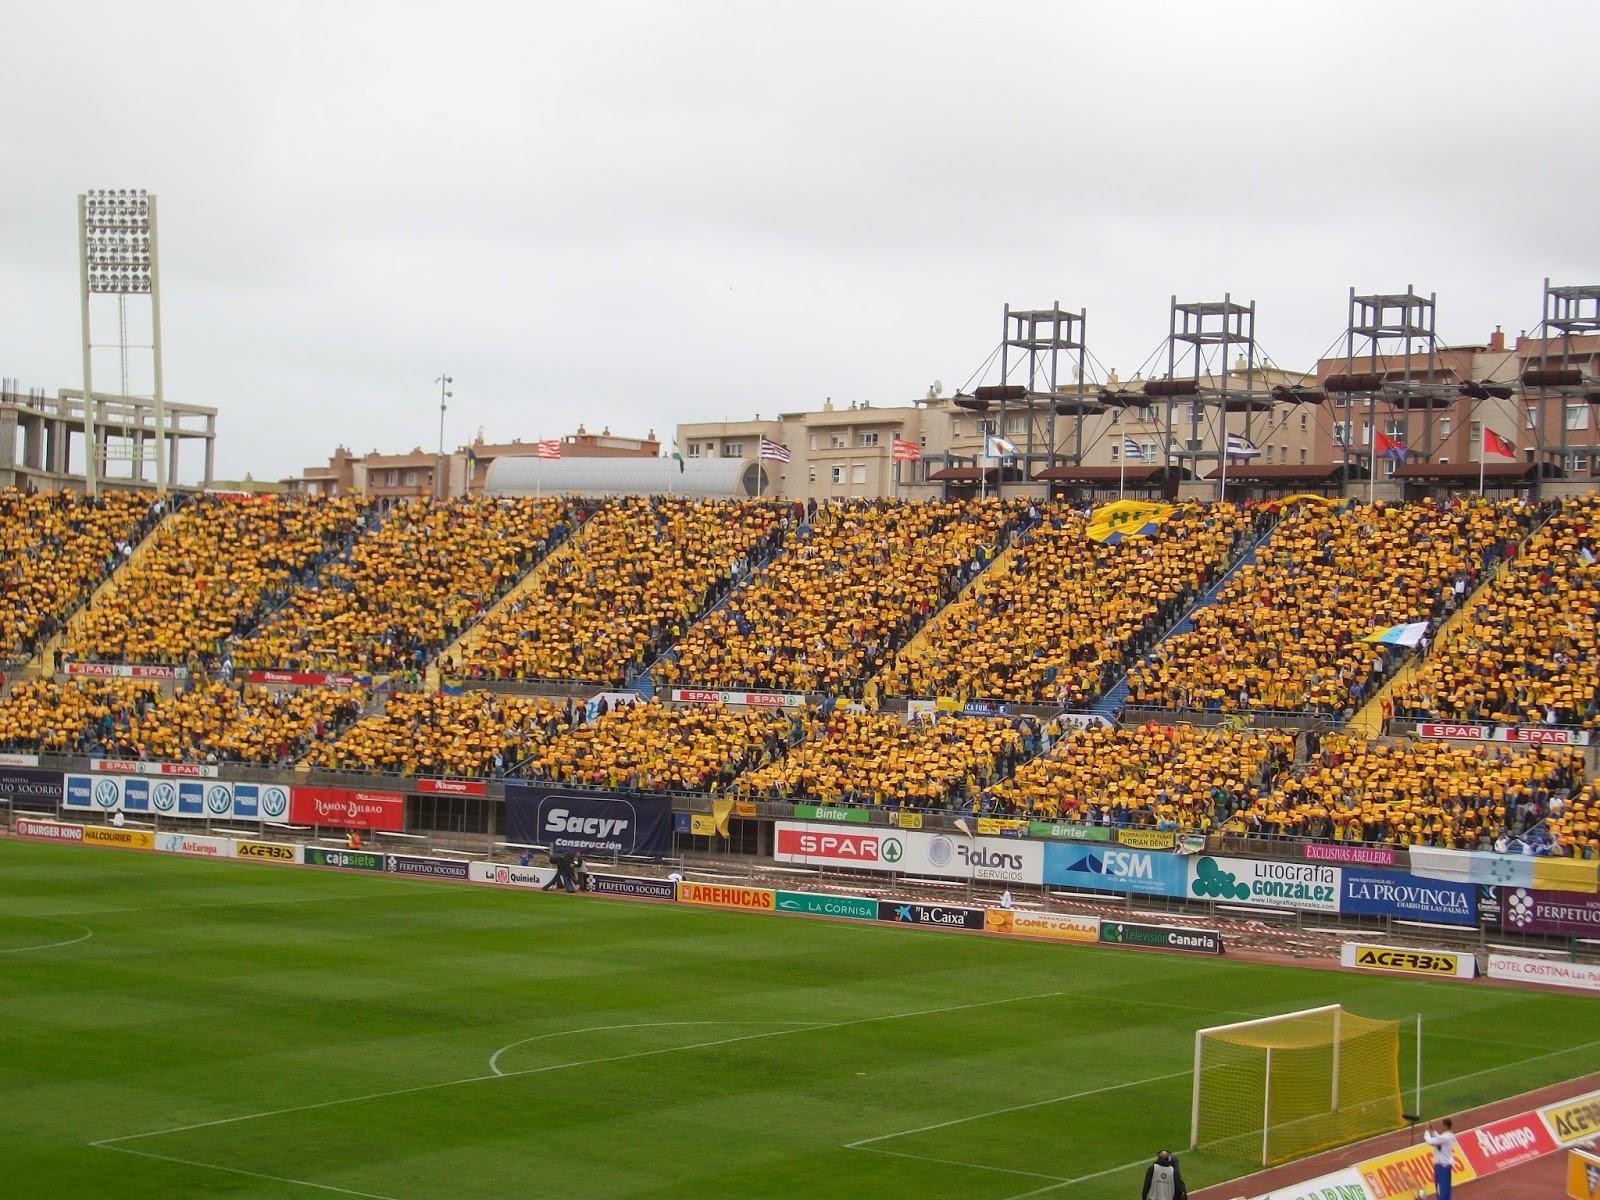 Mosaico en las gradas del estadio de Gran Canaria